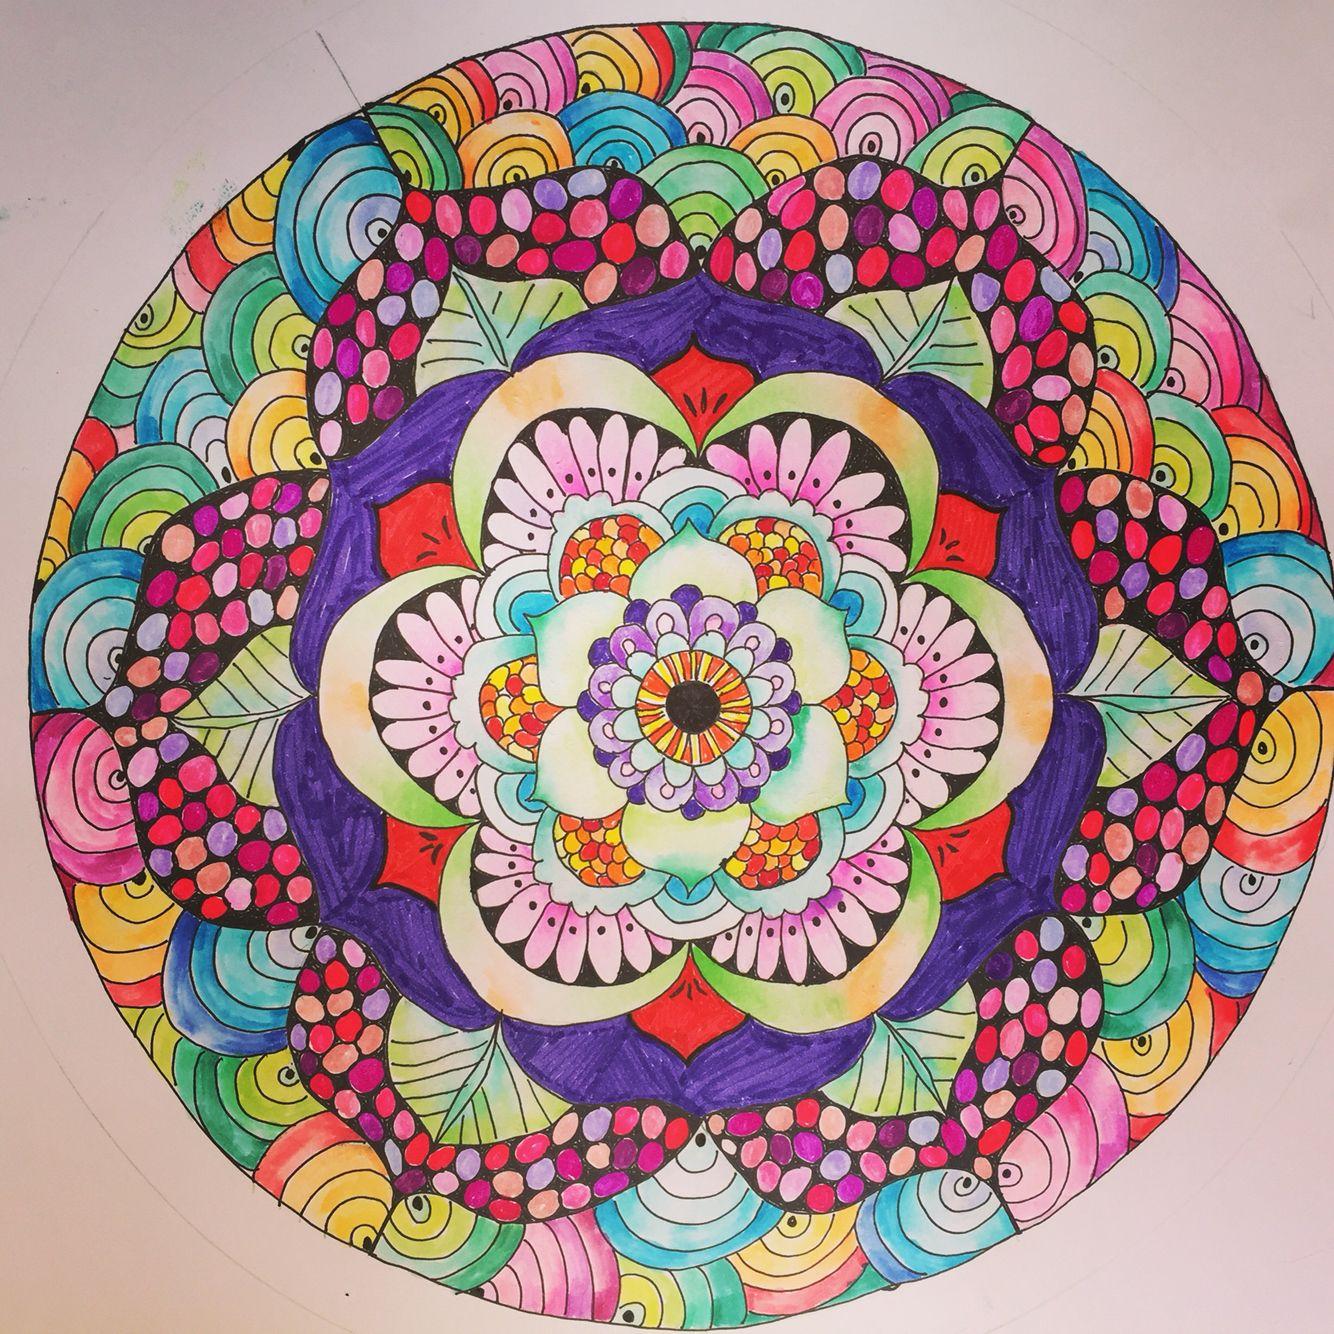 Mandala Observación y dibujo | Trabajos universidad | Pinterest ...